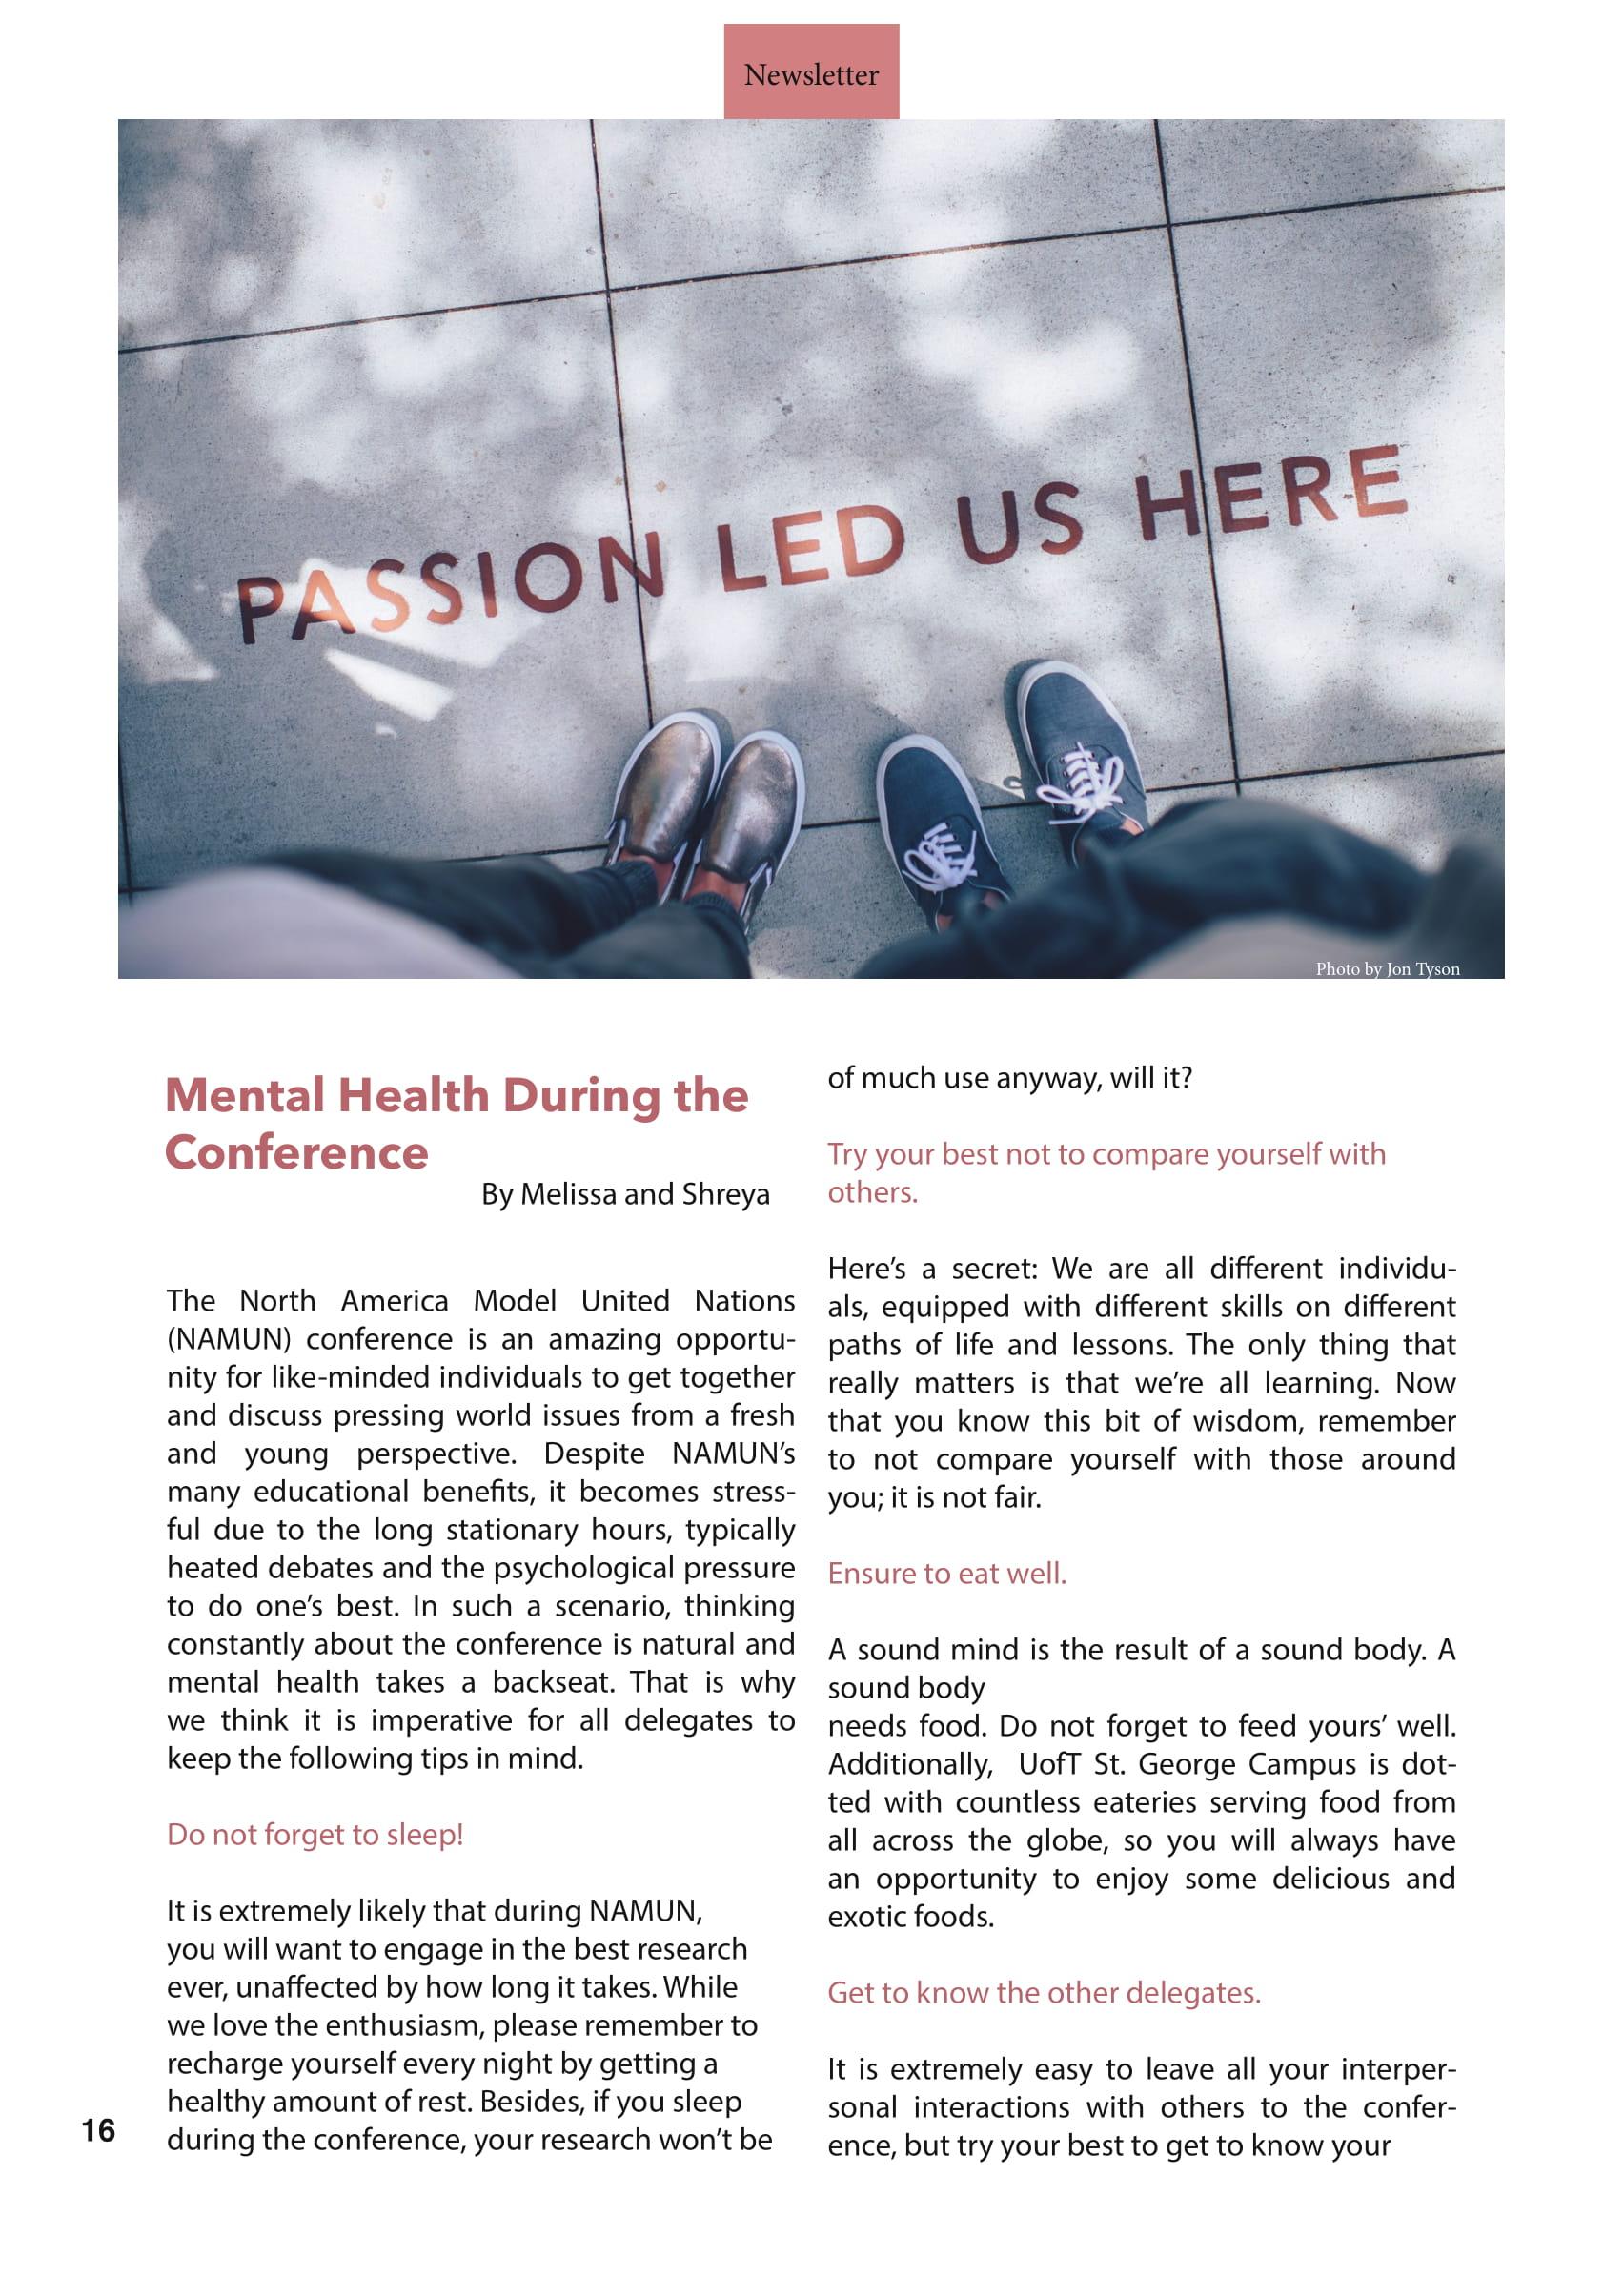 Newsletter #1-16.jpg